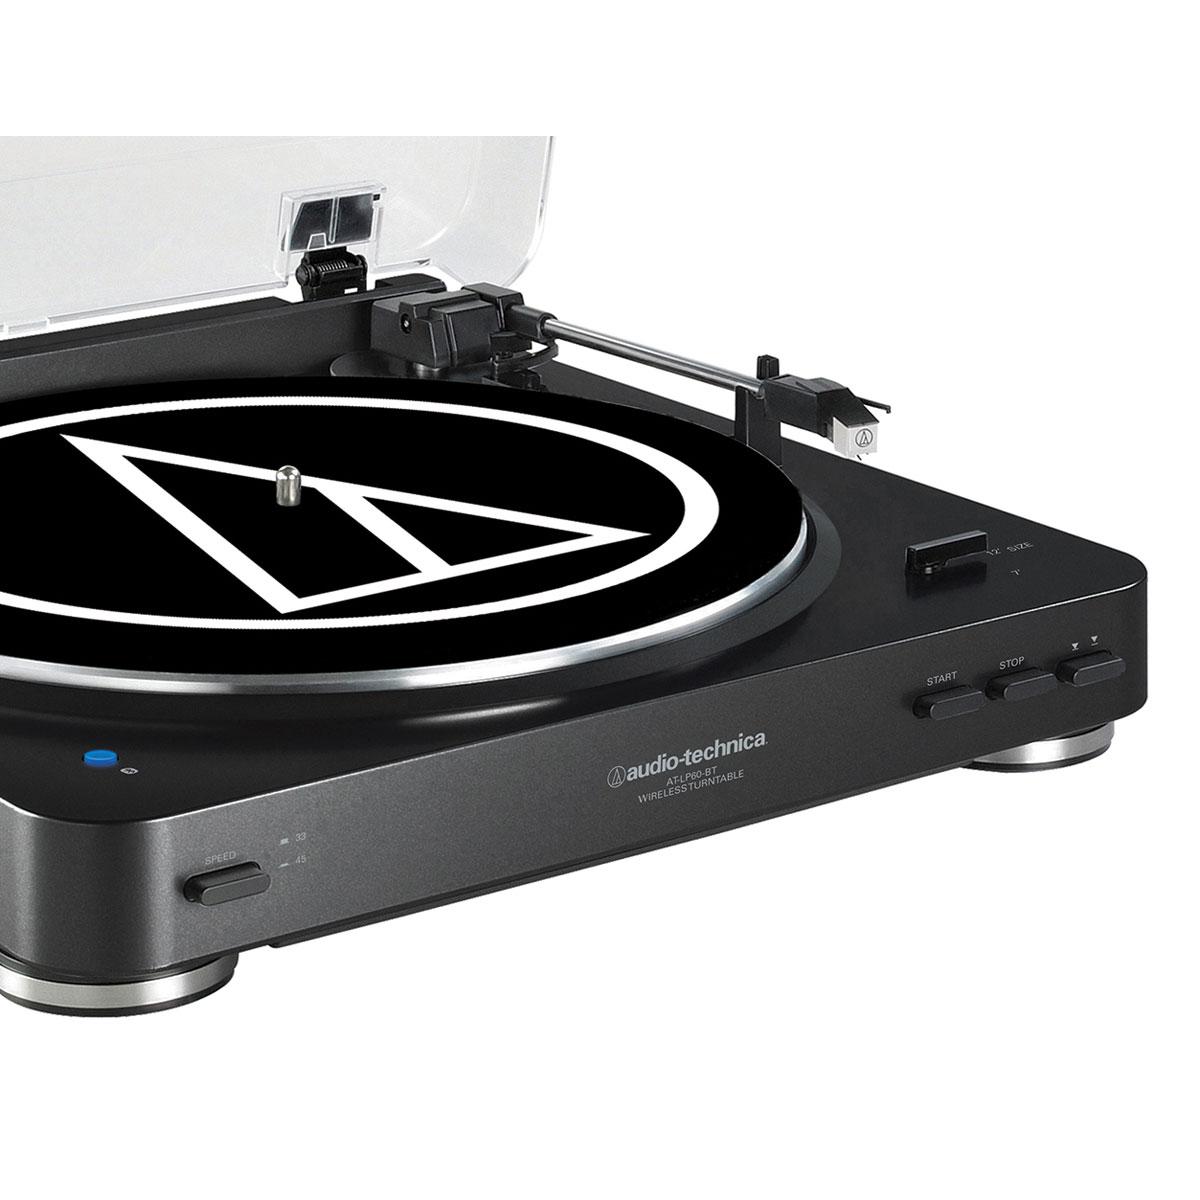 audio-technica at-lp60bt noir - platine vinyle audio-technica sur